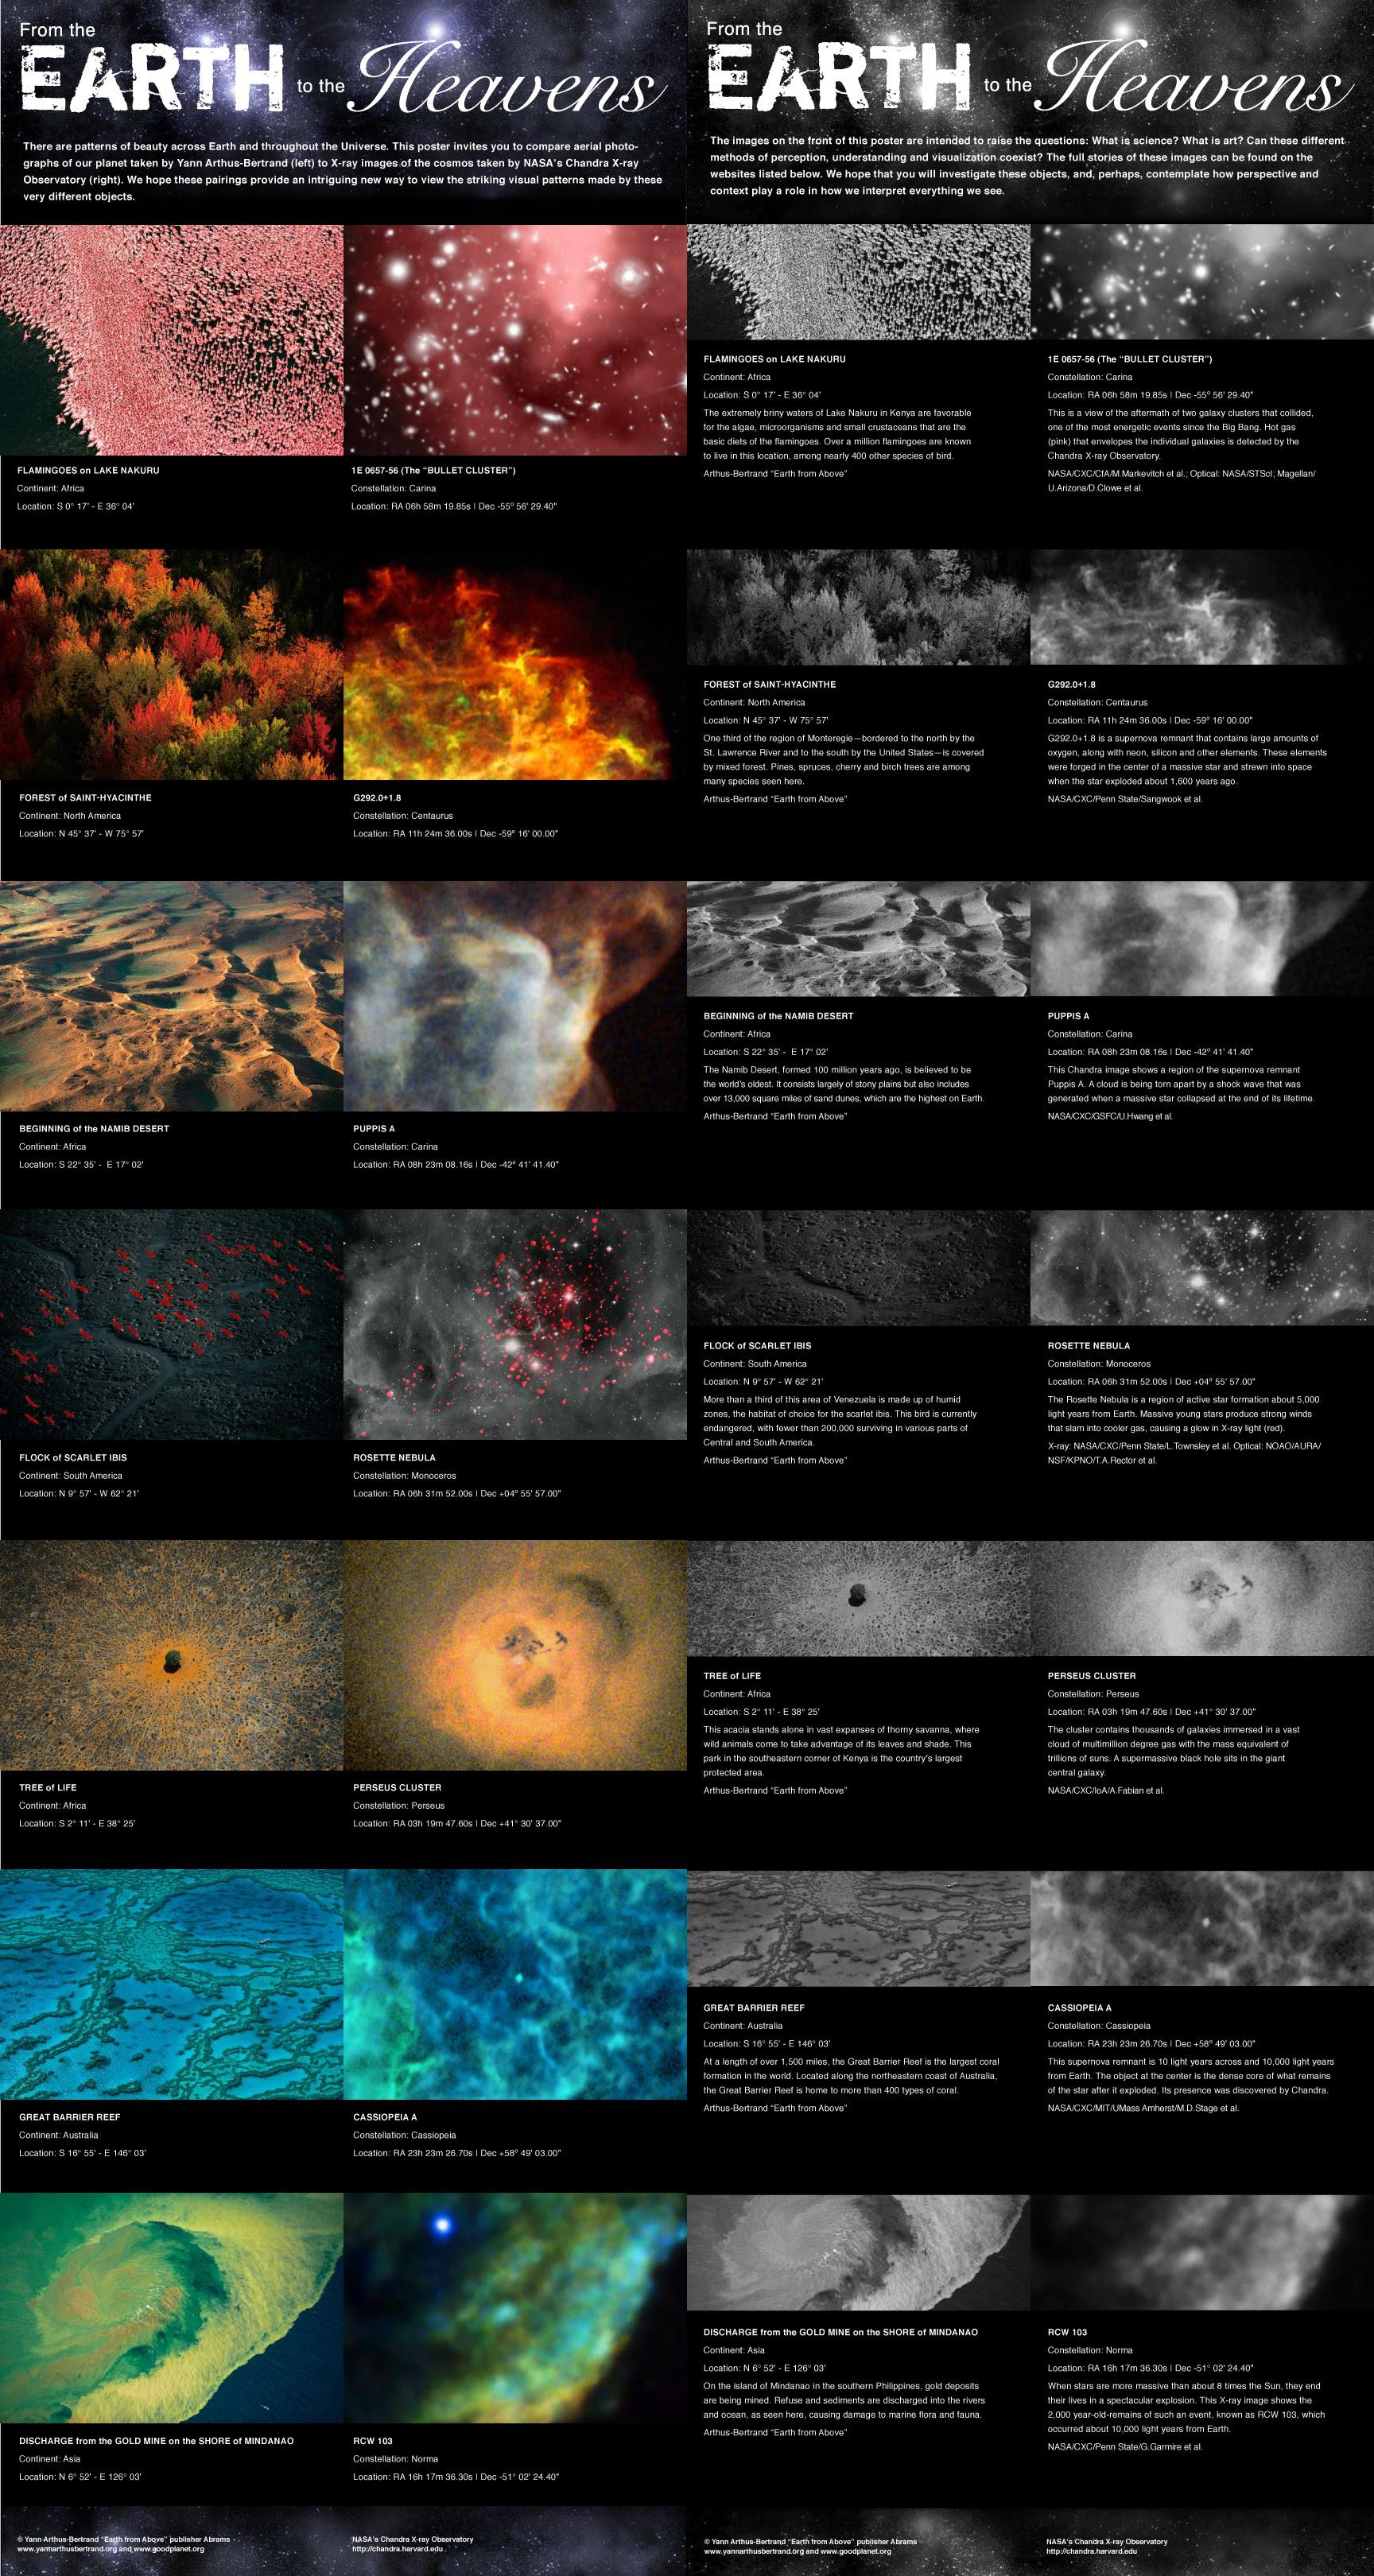 http://chandra.harvard.edu/mess/images/prod_thumbs/heav_eart_longposter.jpg